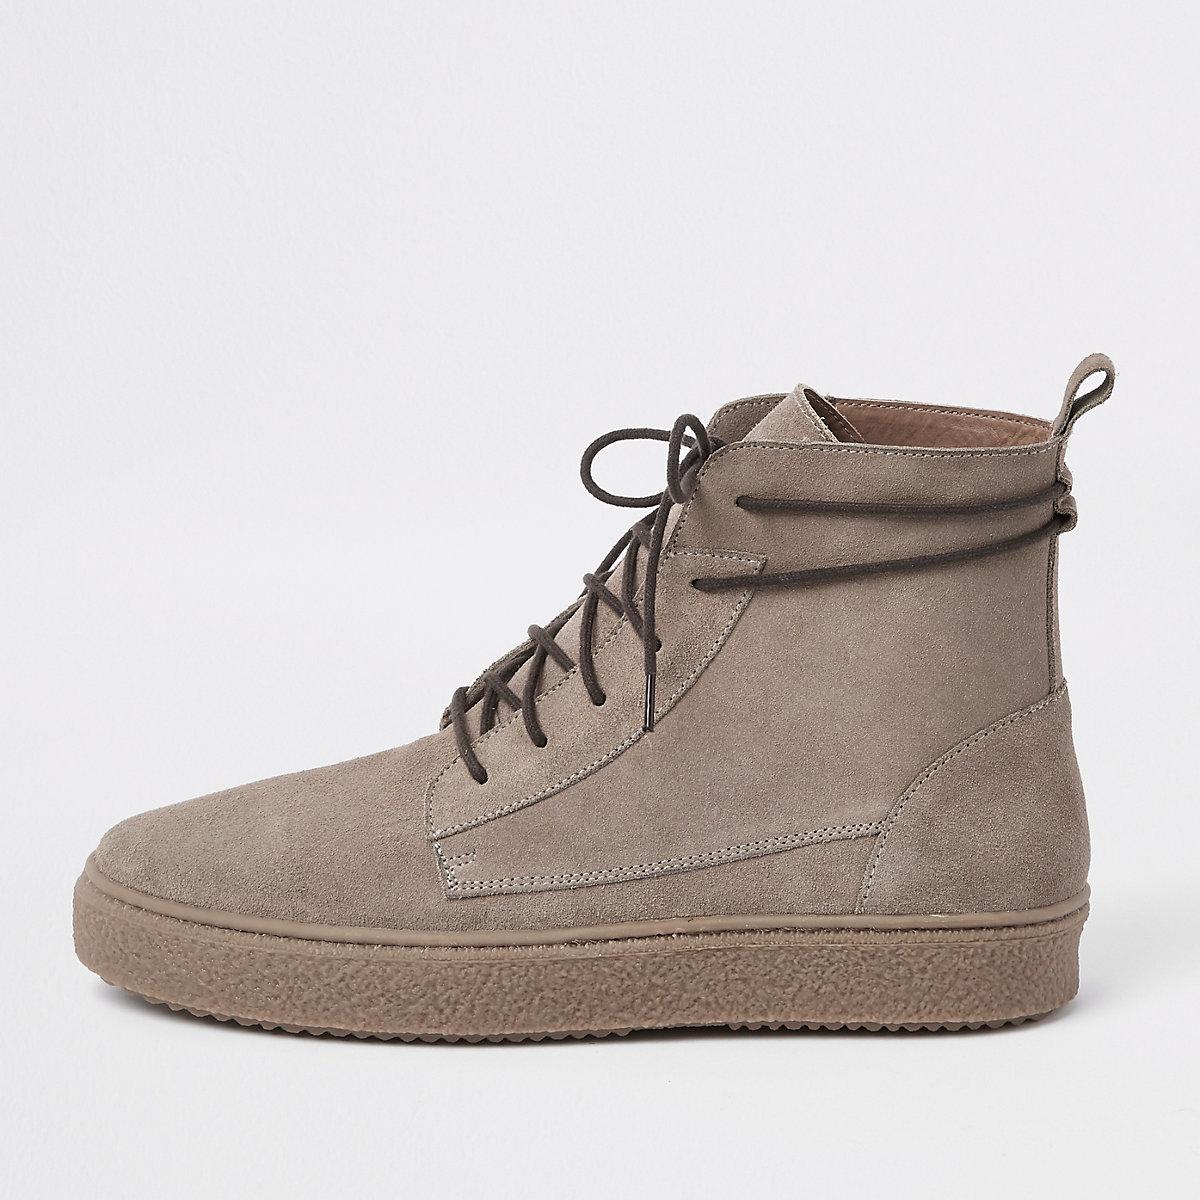 Stone suede wrap around desert boots